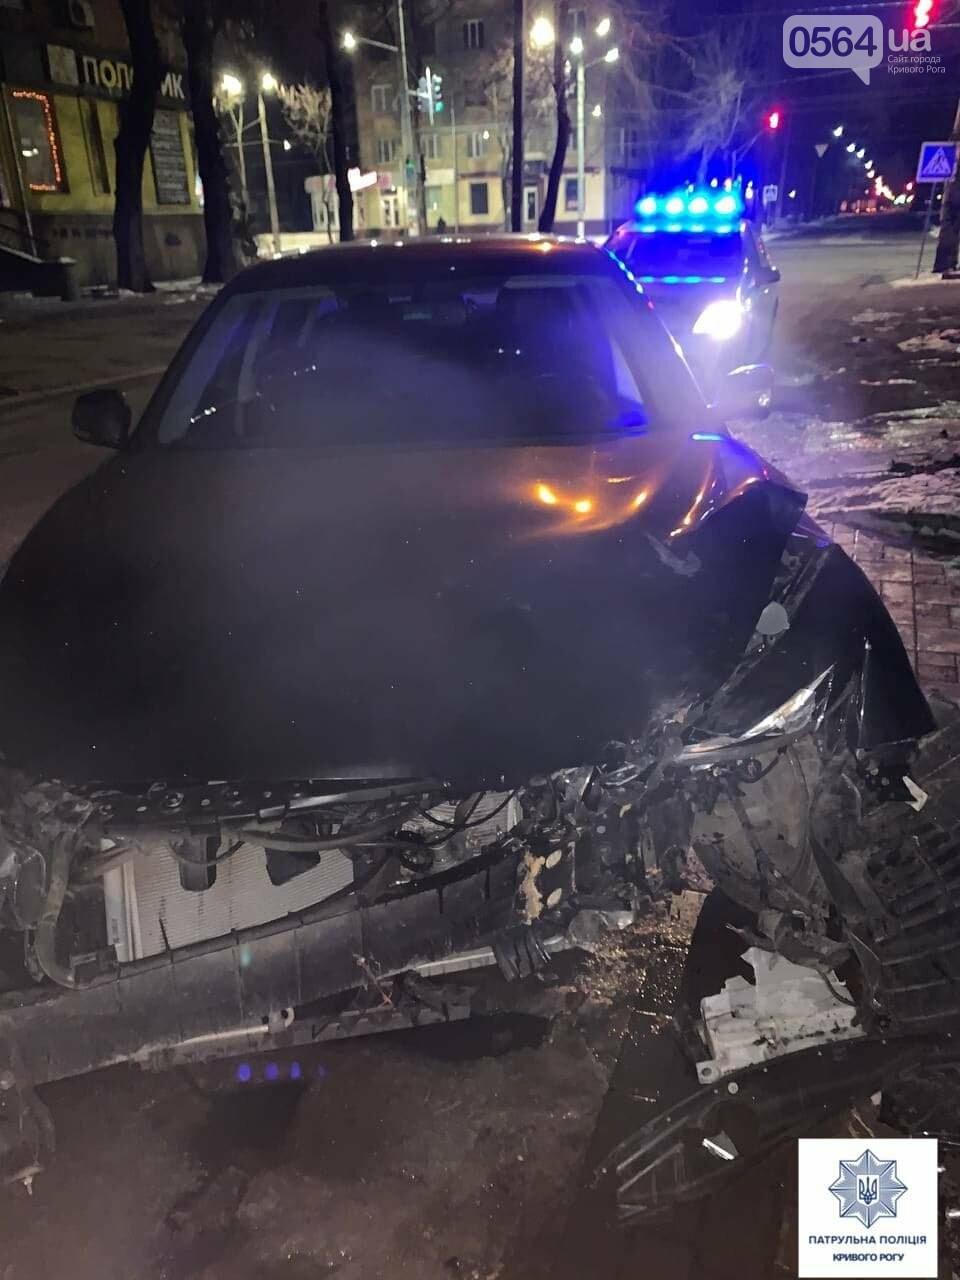 В Кривом Роге пьяный водитель за рулем иномарки врезался в дерево, - ФОТО, фото-2